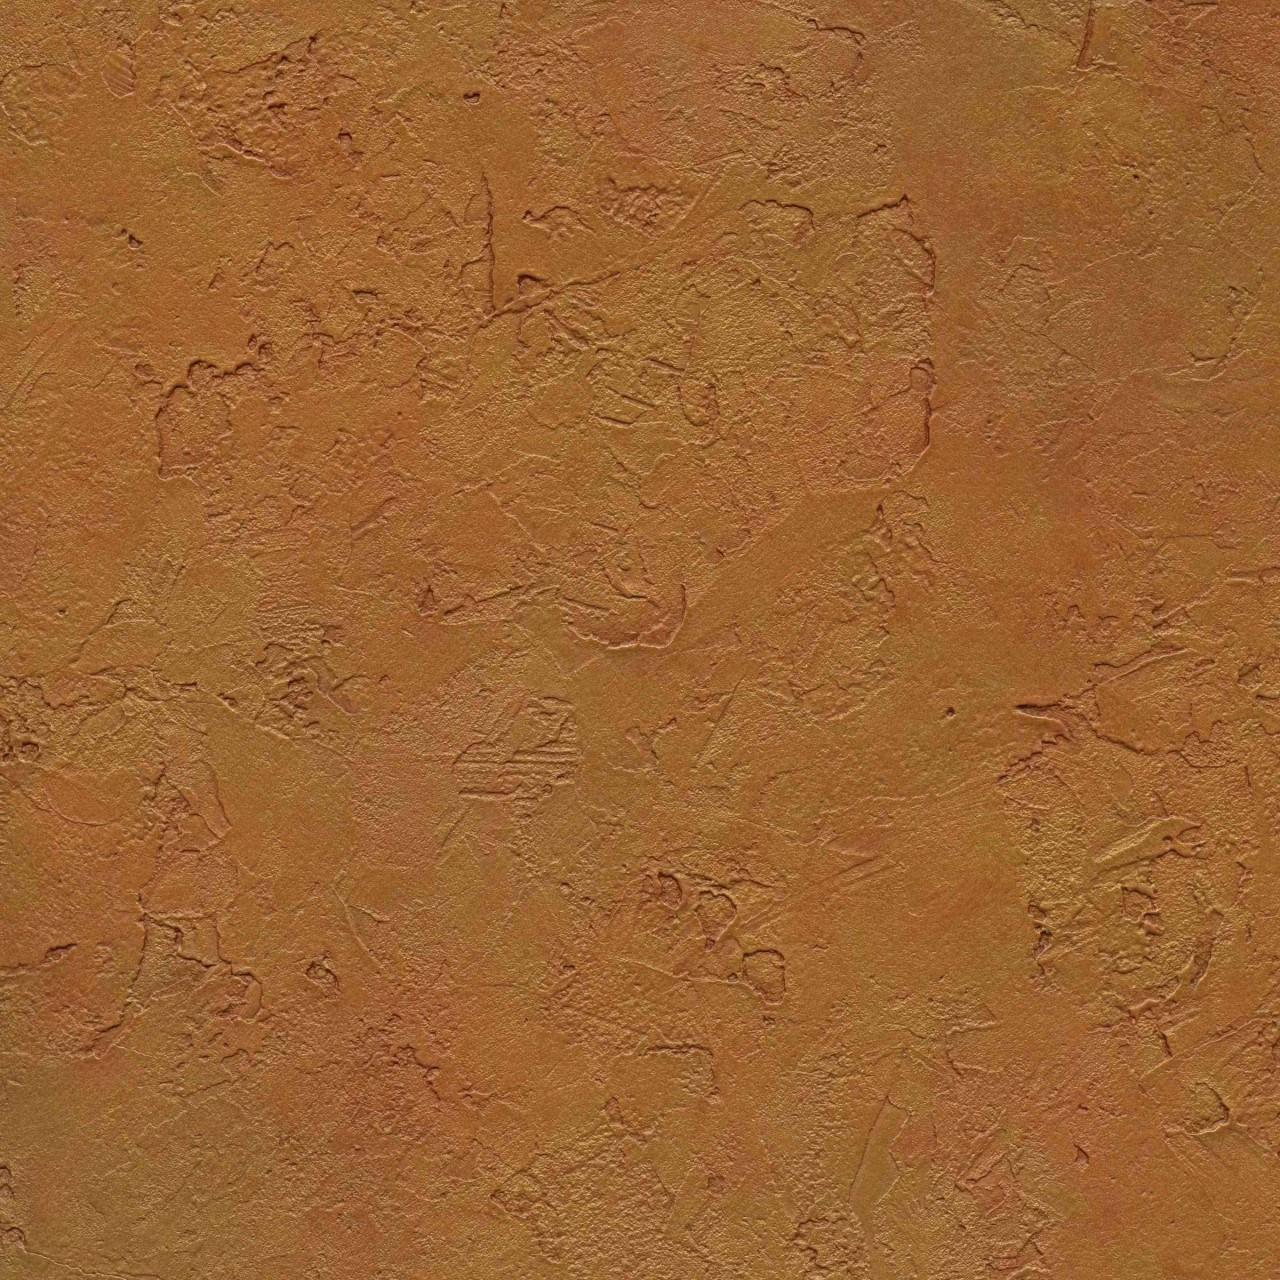 Copper WA4562 Arbor Texture Wallpaper   Textures Wallpaper 1280x1280